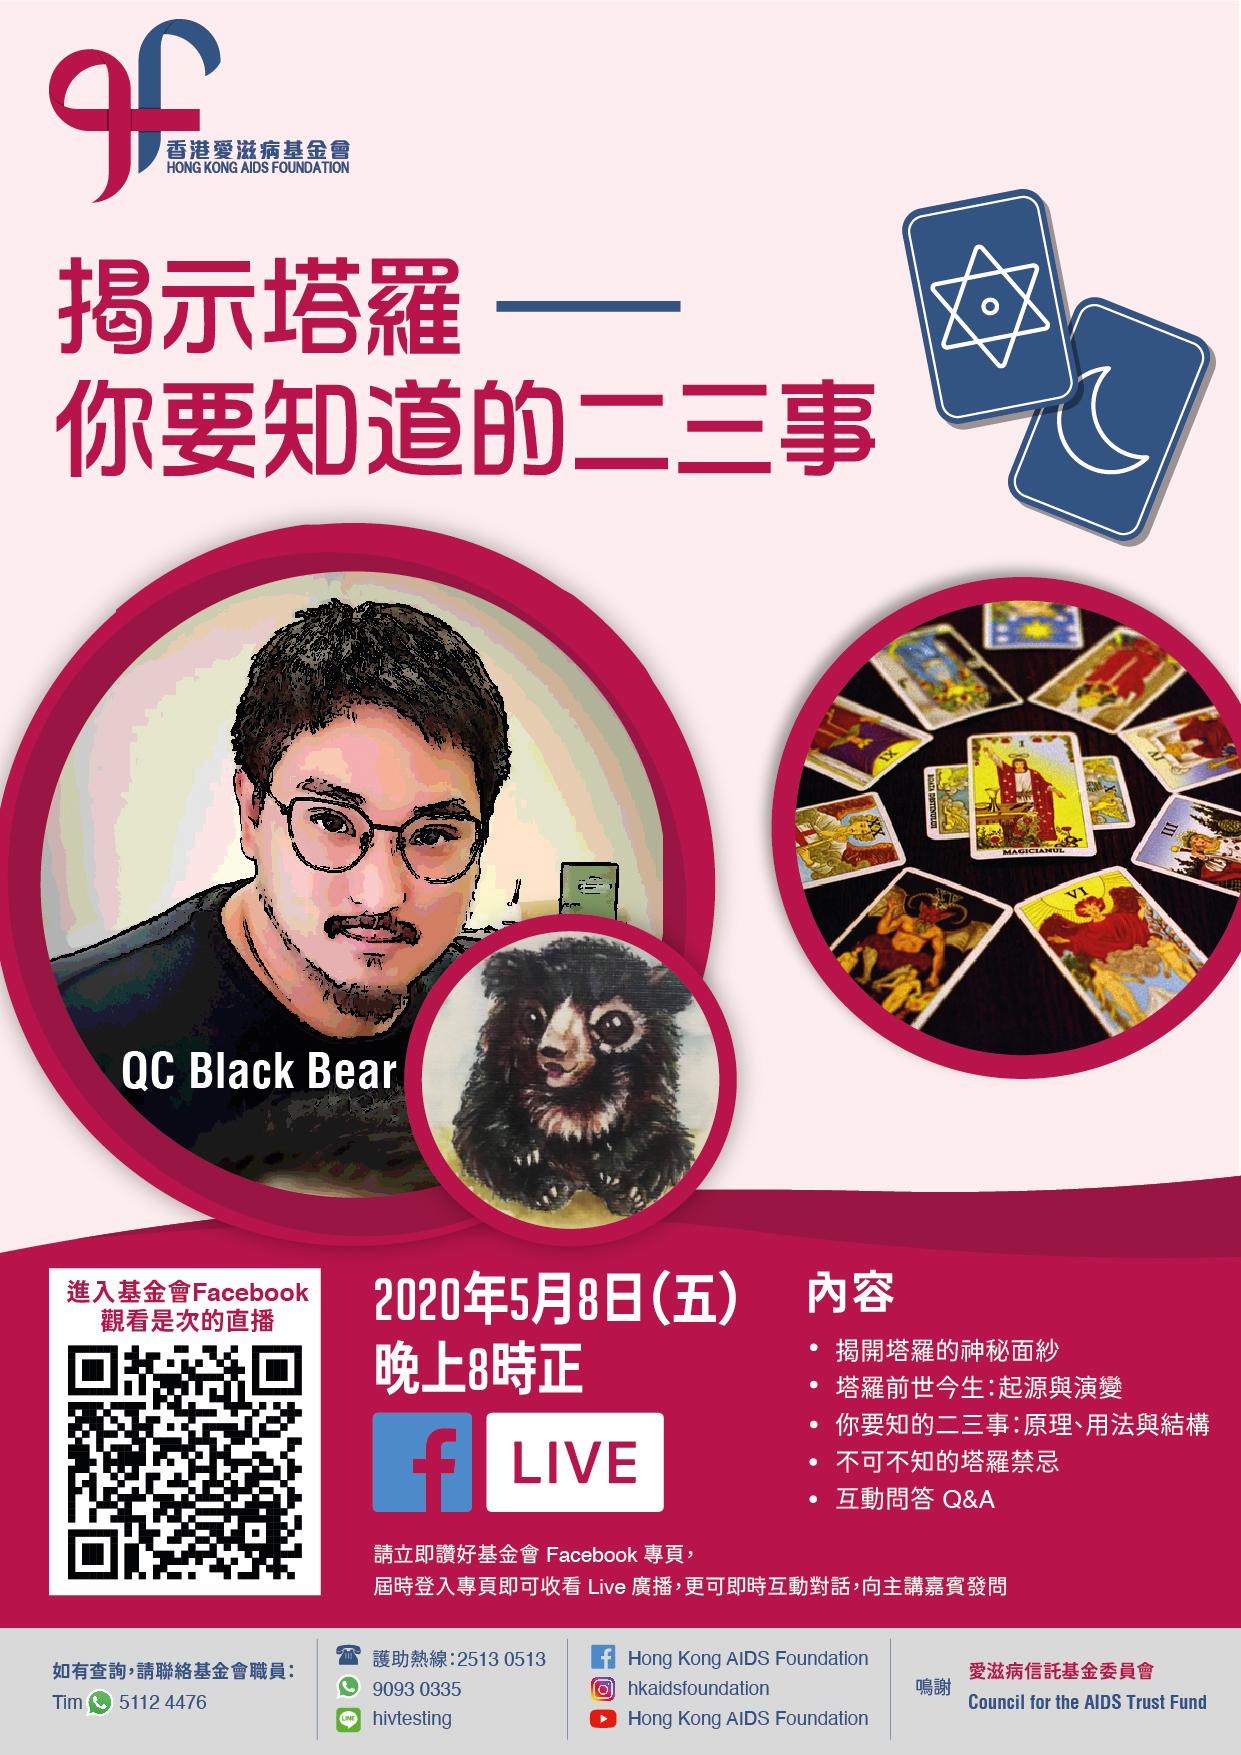 27042020 Facebook live poster-03